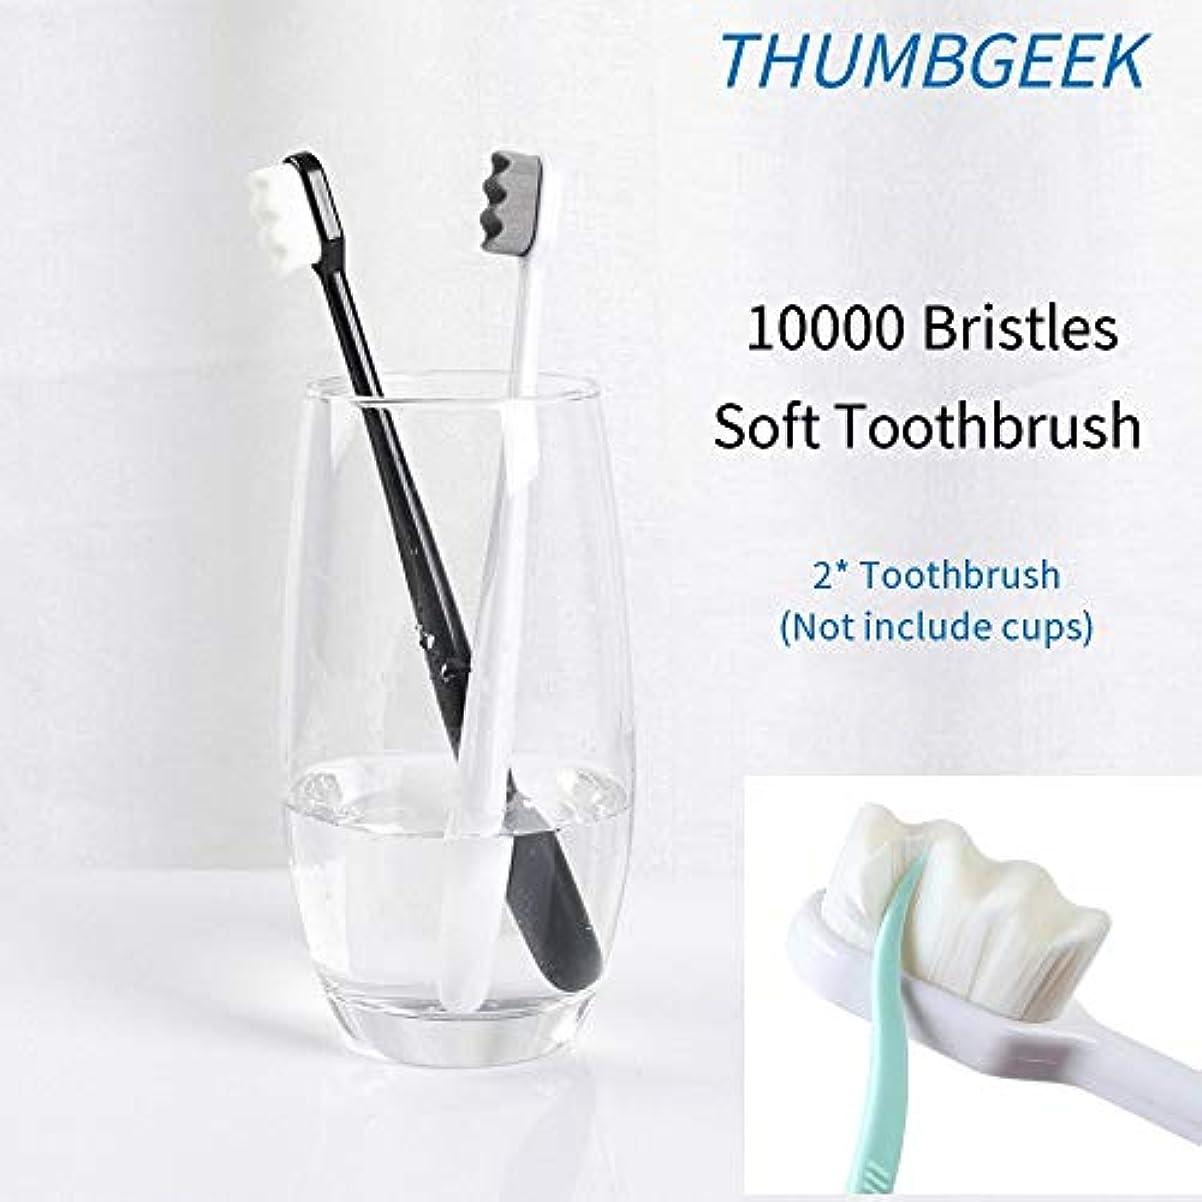 一時解雇する神の協同2本の歯ブラシ、ウルトラソフト歯ブラシ、家族の妊娠中の女性用、年配の看護の歯肉に敏感なディープマウスクリーンオーラルケア、手動歯ブラシ